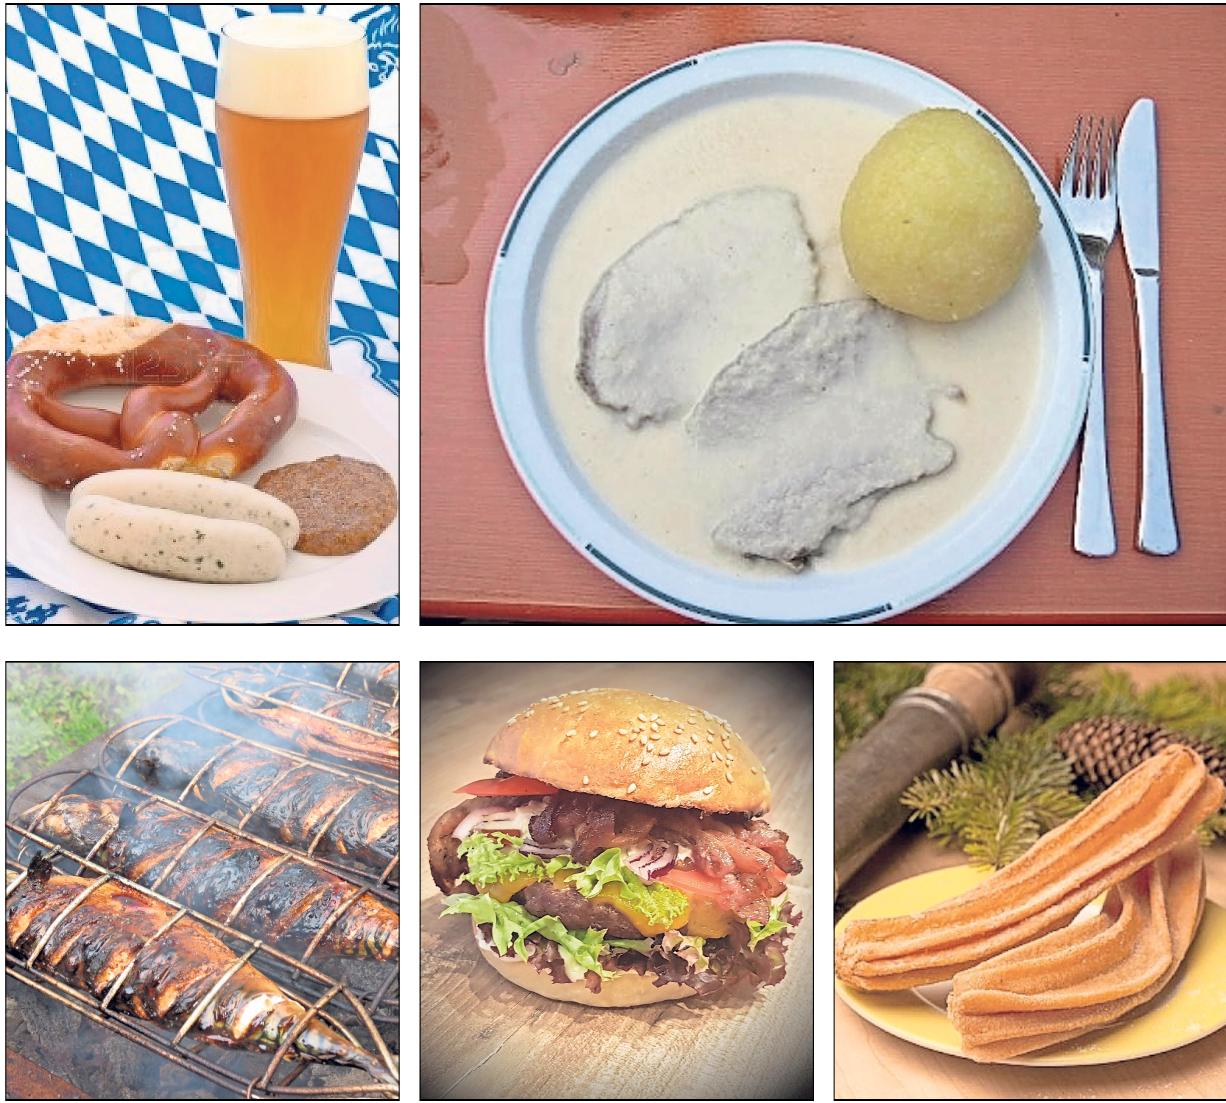 etwas dabei: Vom Weißwurstfrühschoppen über Krenfleisch, gegrillte Makrelen und selbst gemachte Burger bis hin zu frischen Spritzkuchen.